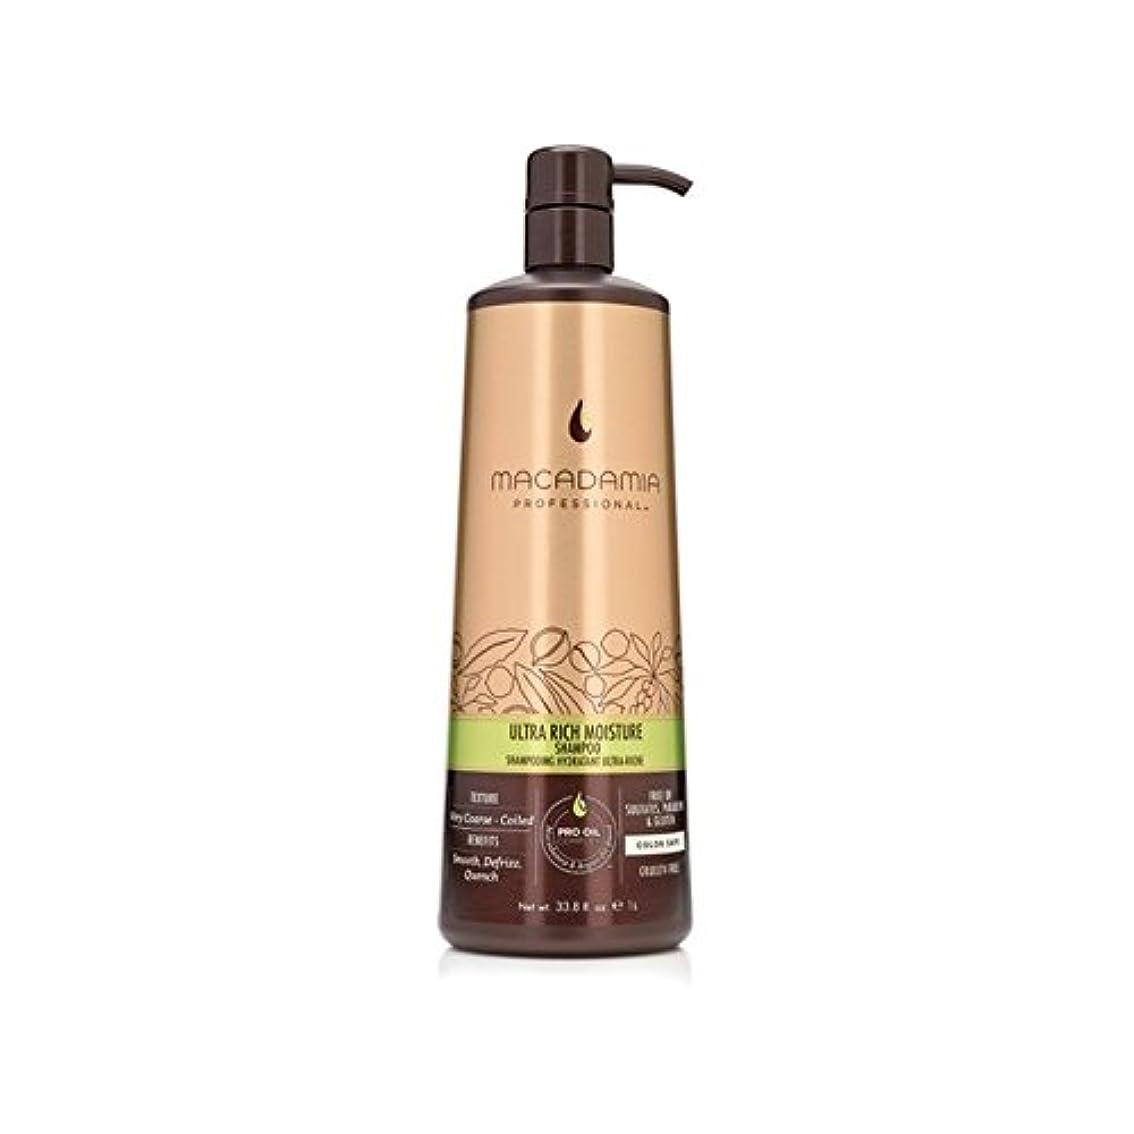 ホップ温度計掃除マカダミア超豊富な水分シャンプー(千ミリリットル) x4 - Macadamia Ultra Rich Moisture Shampoo (1000ml) (Pack of 4) [並行輸入品]